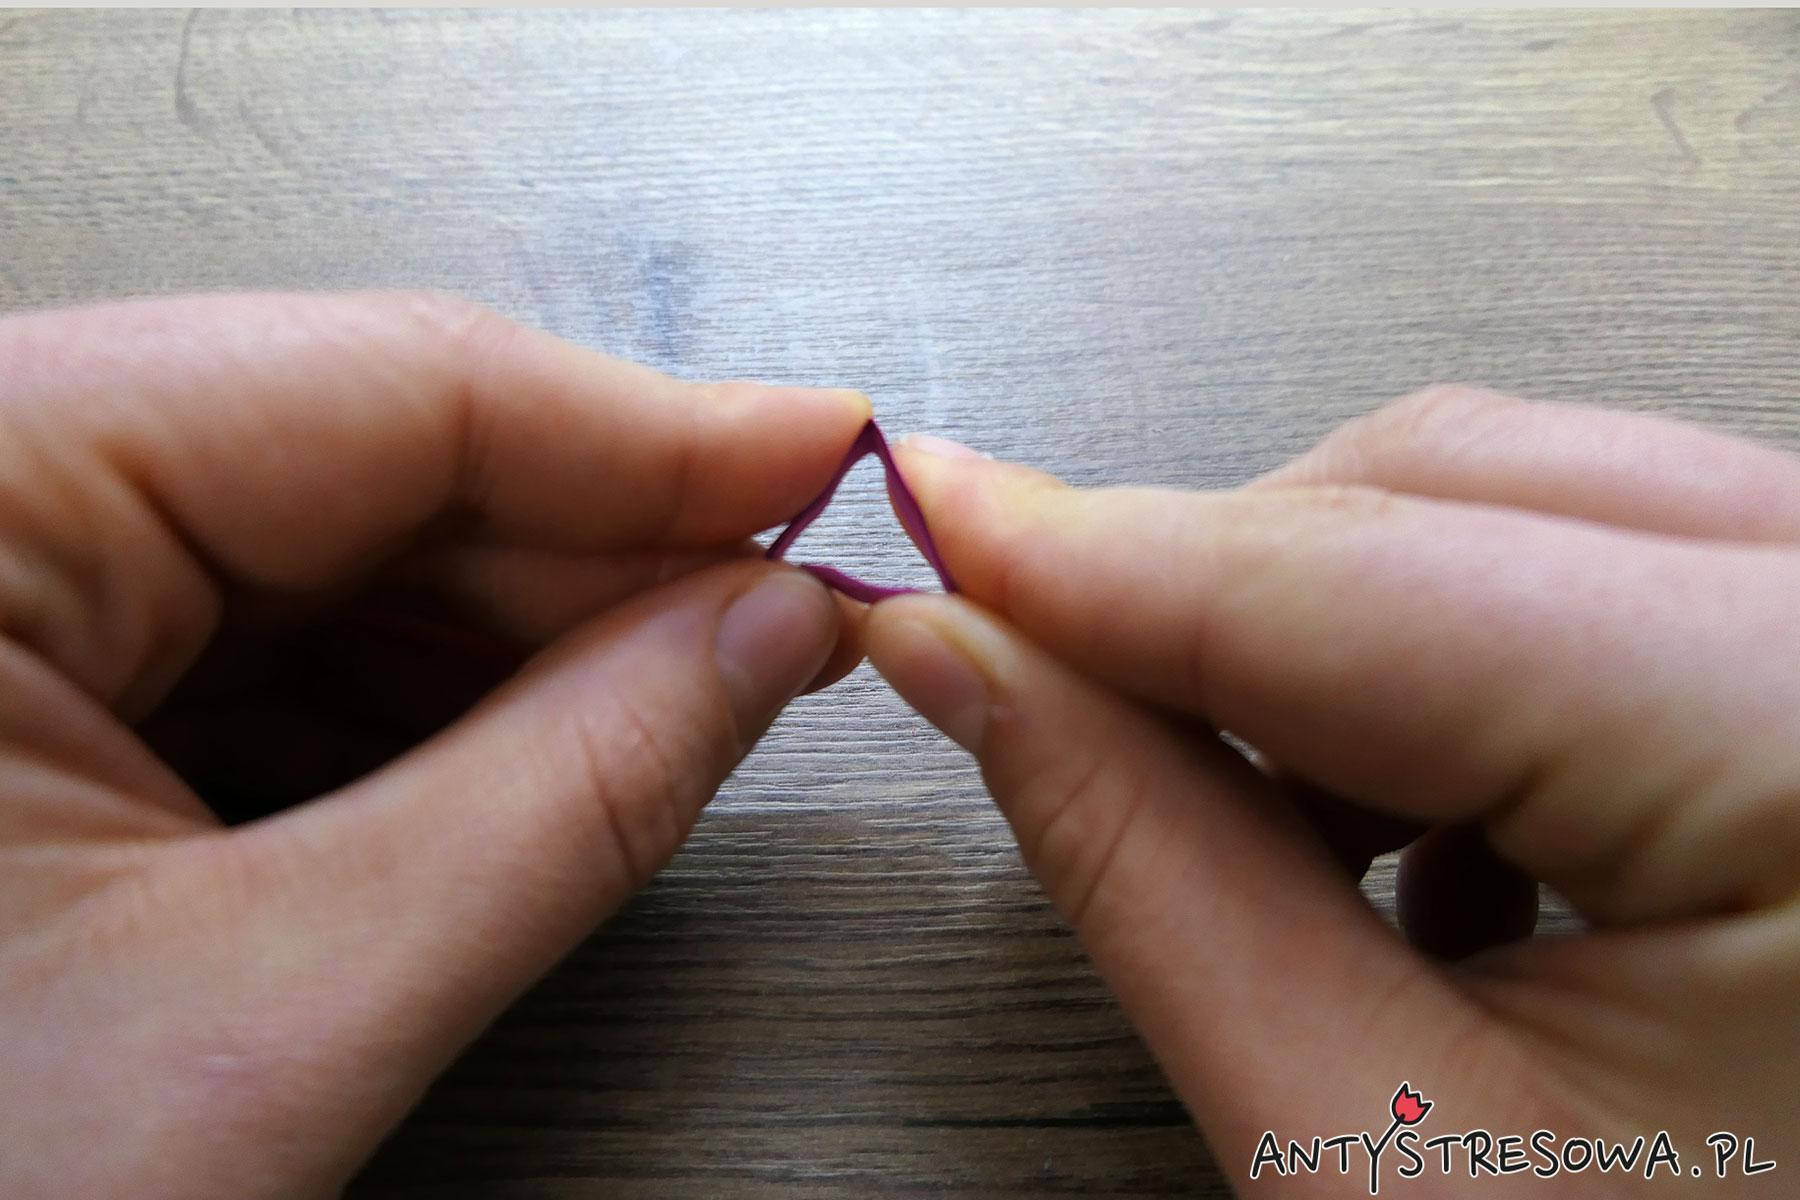 Gotowe kółko zginamy w palcach tak, by powstał trójkąt